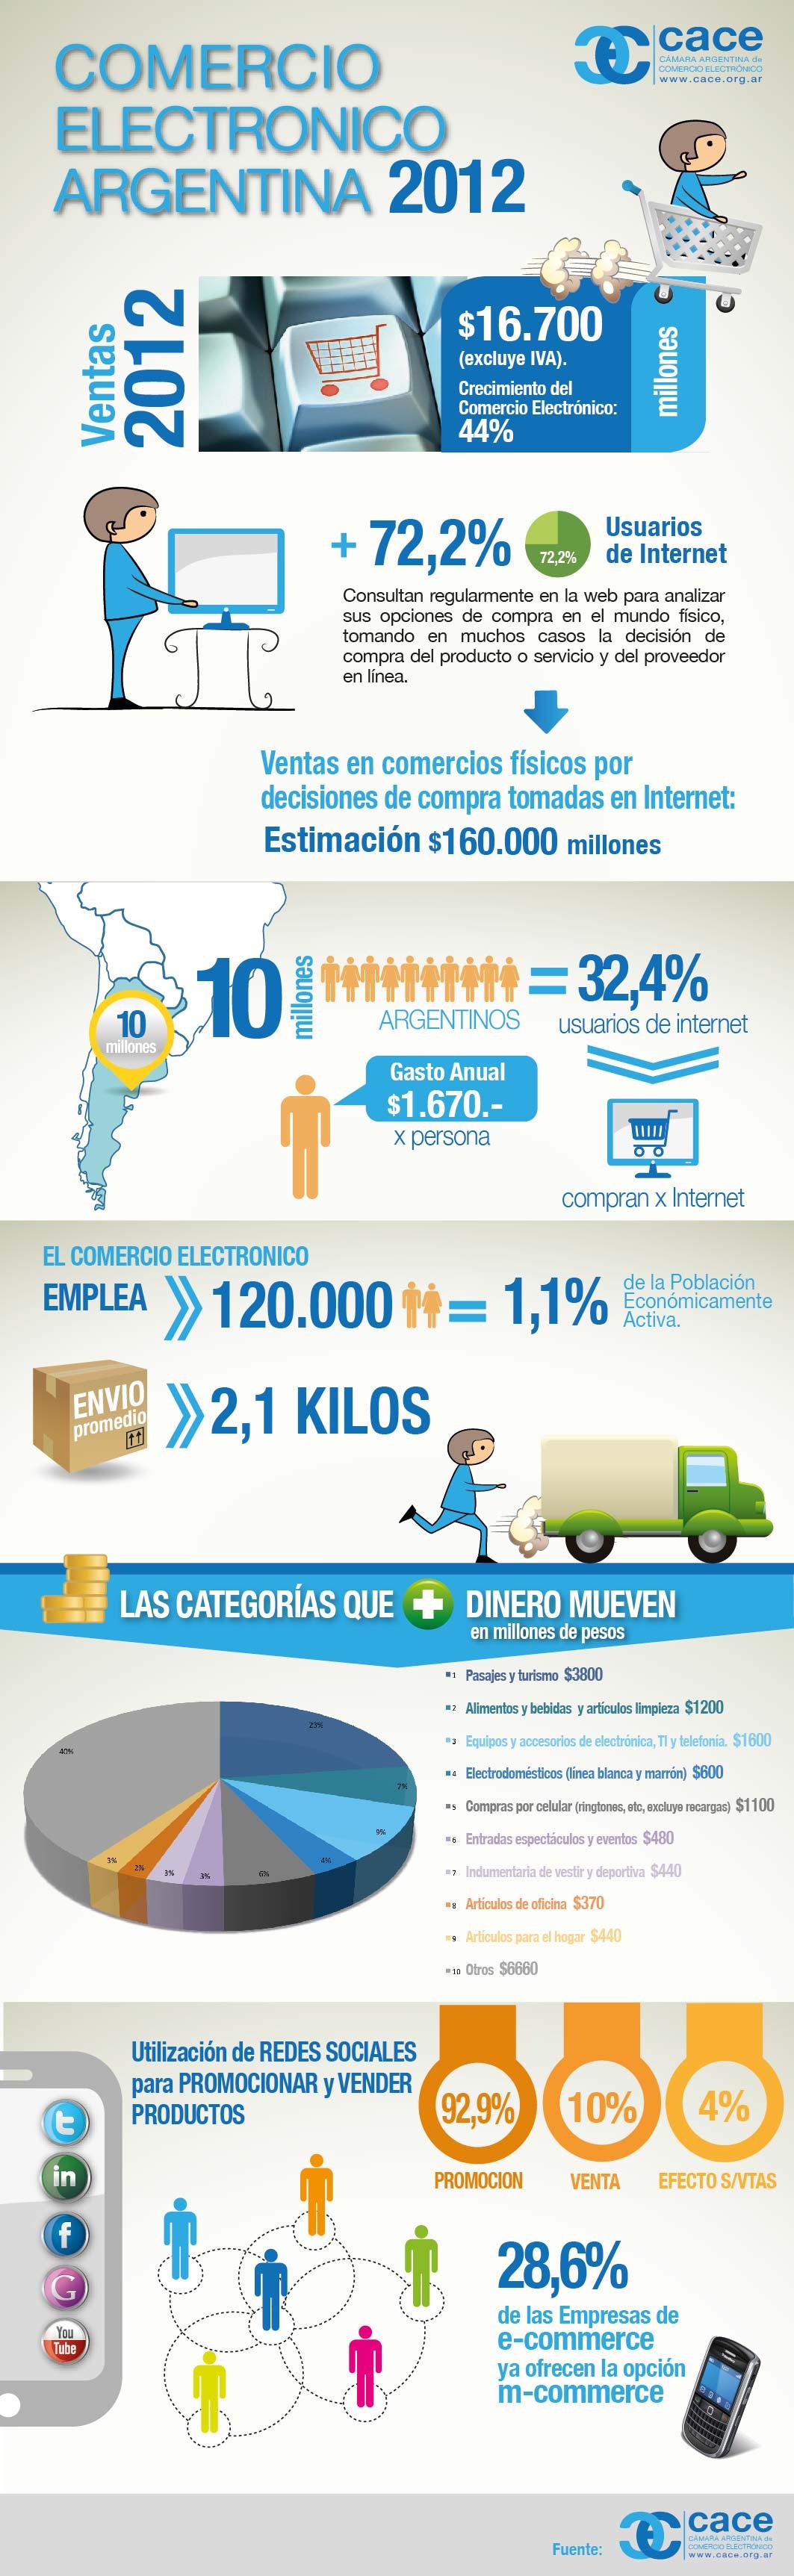 estudio de comercio electrónico 2012